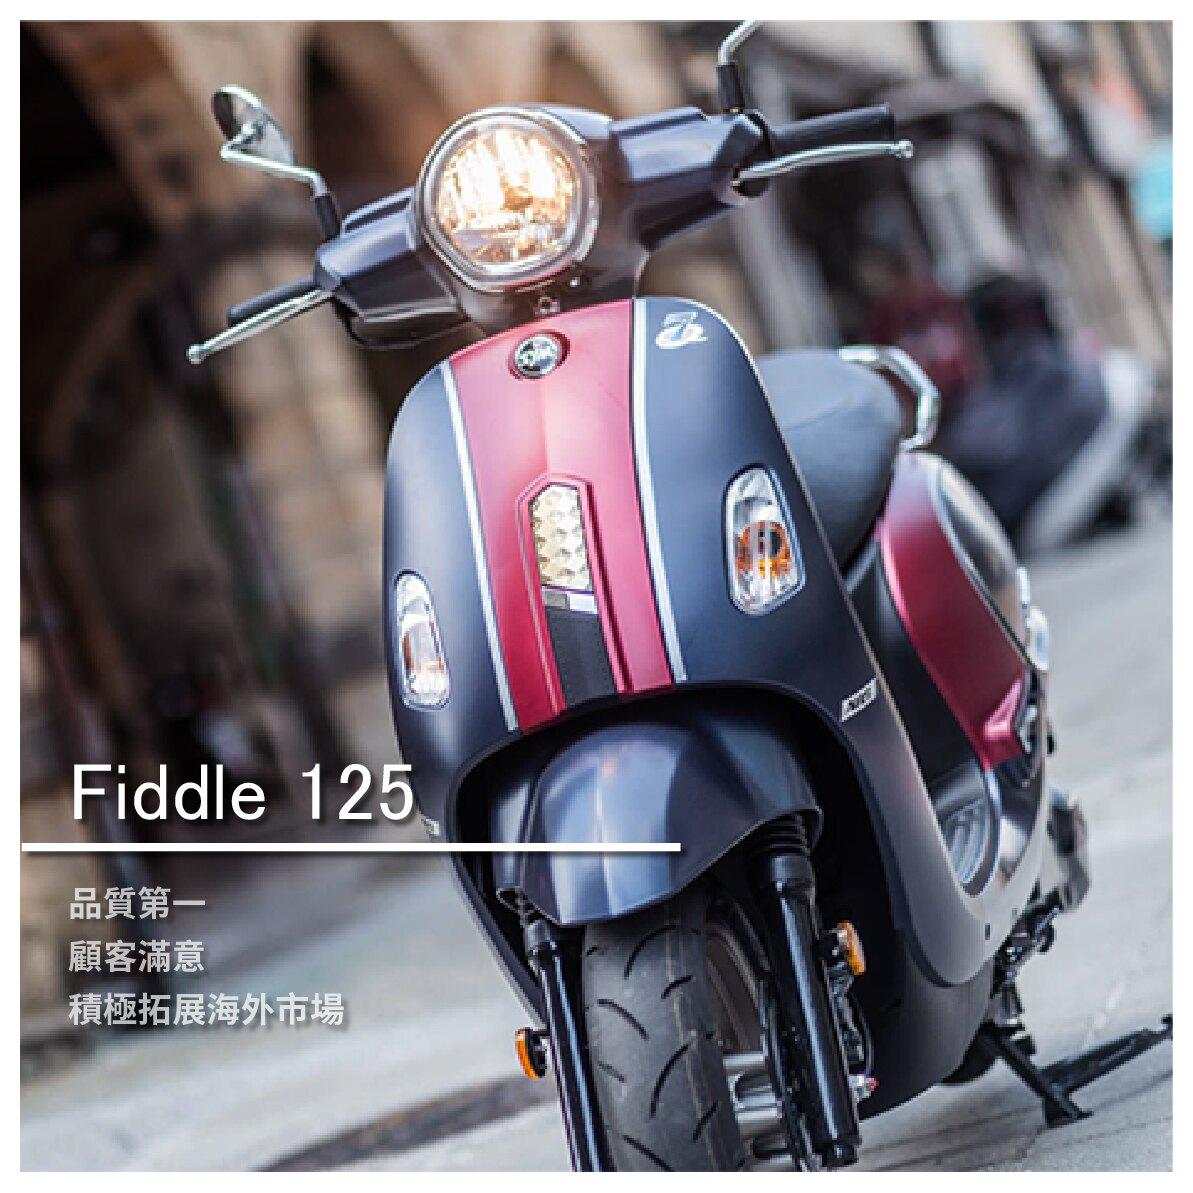 【SYM三陽機車-鋐安車業】Fiddle 125/80800起